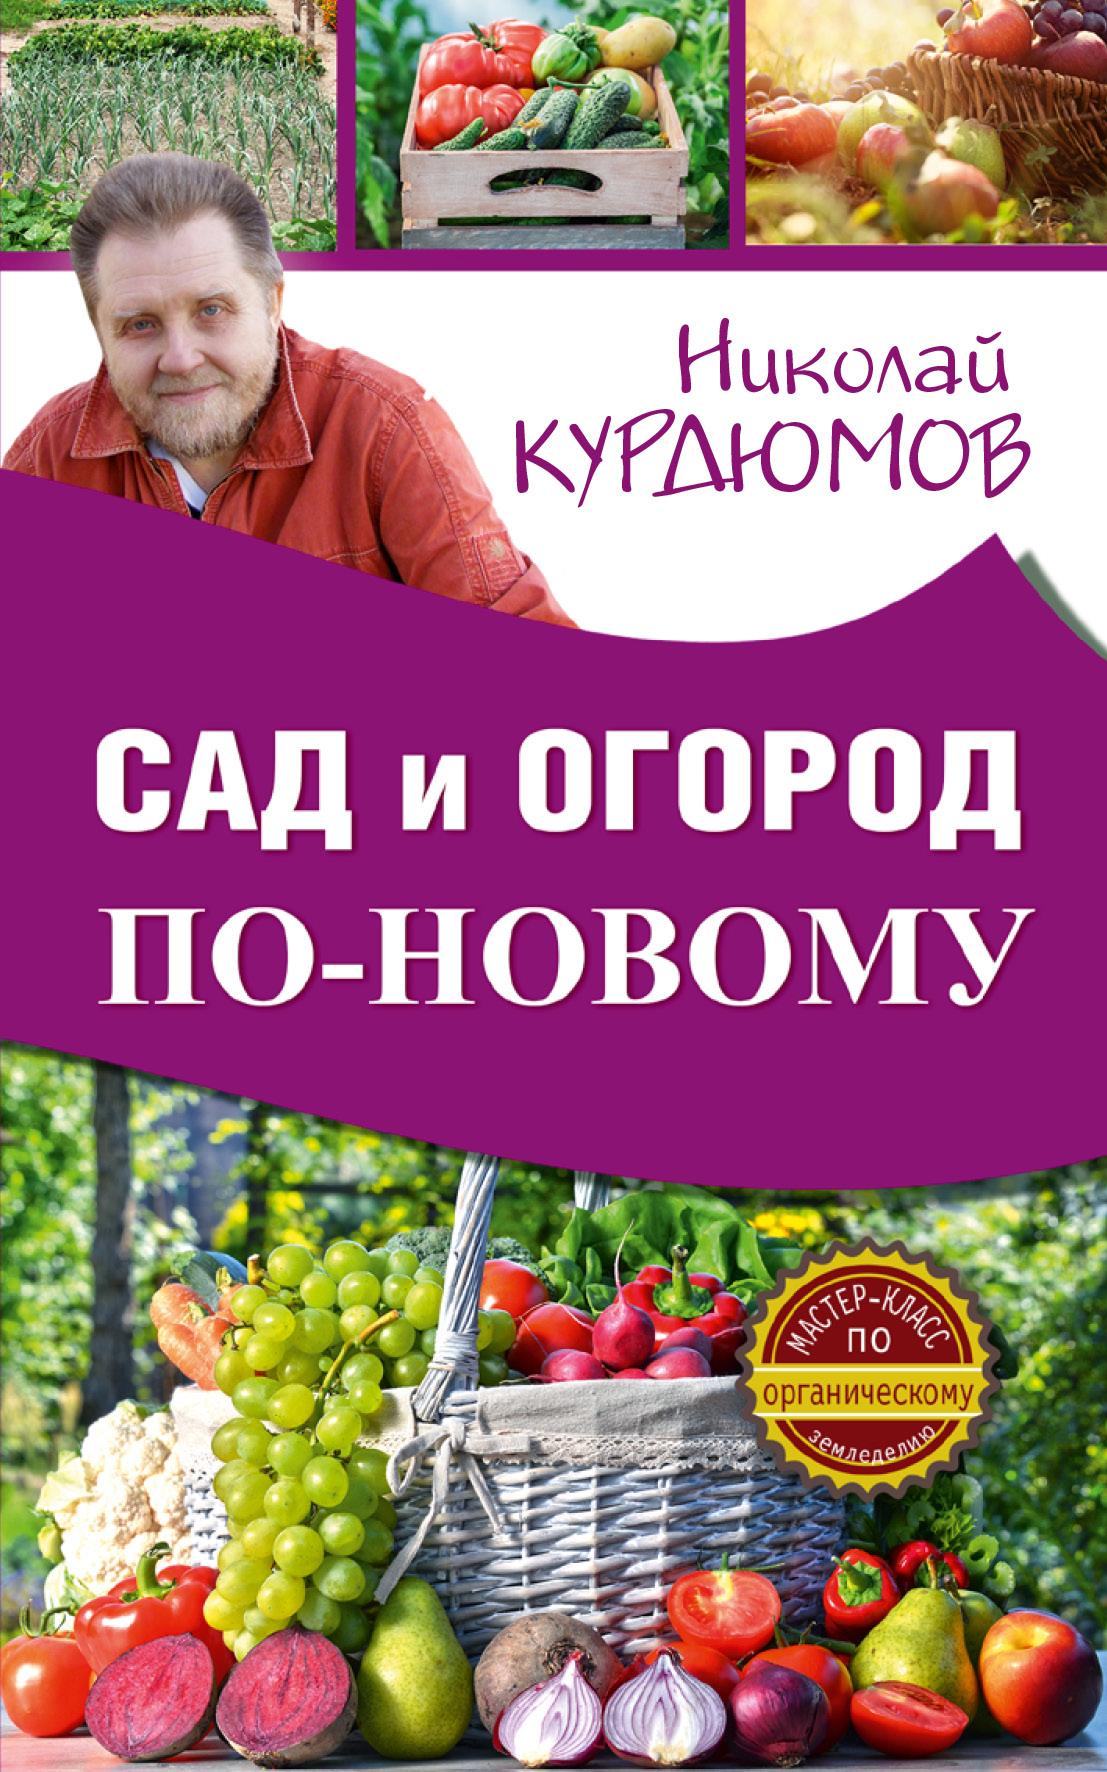 Николай Курдюмов Сад и огород по-новому николай курдюмов современный сад для тех у кого нет времени